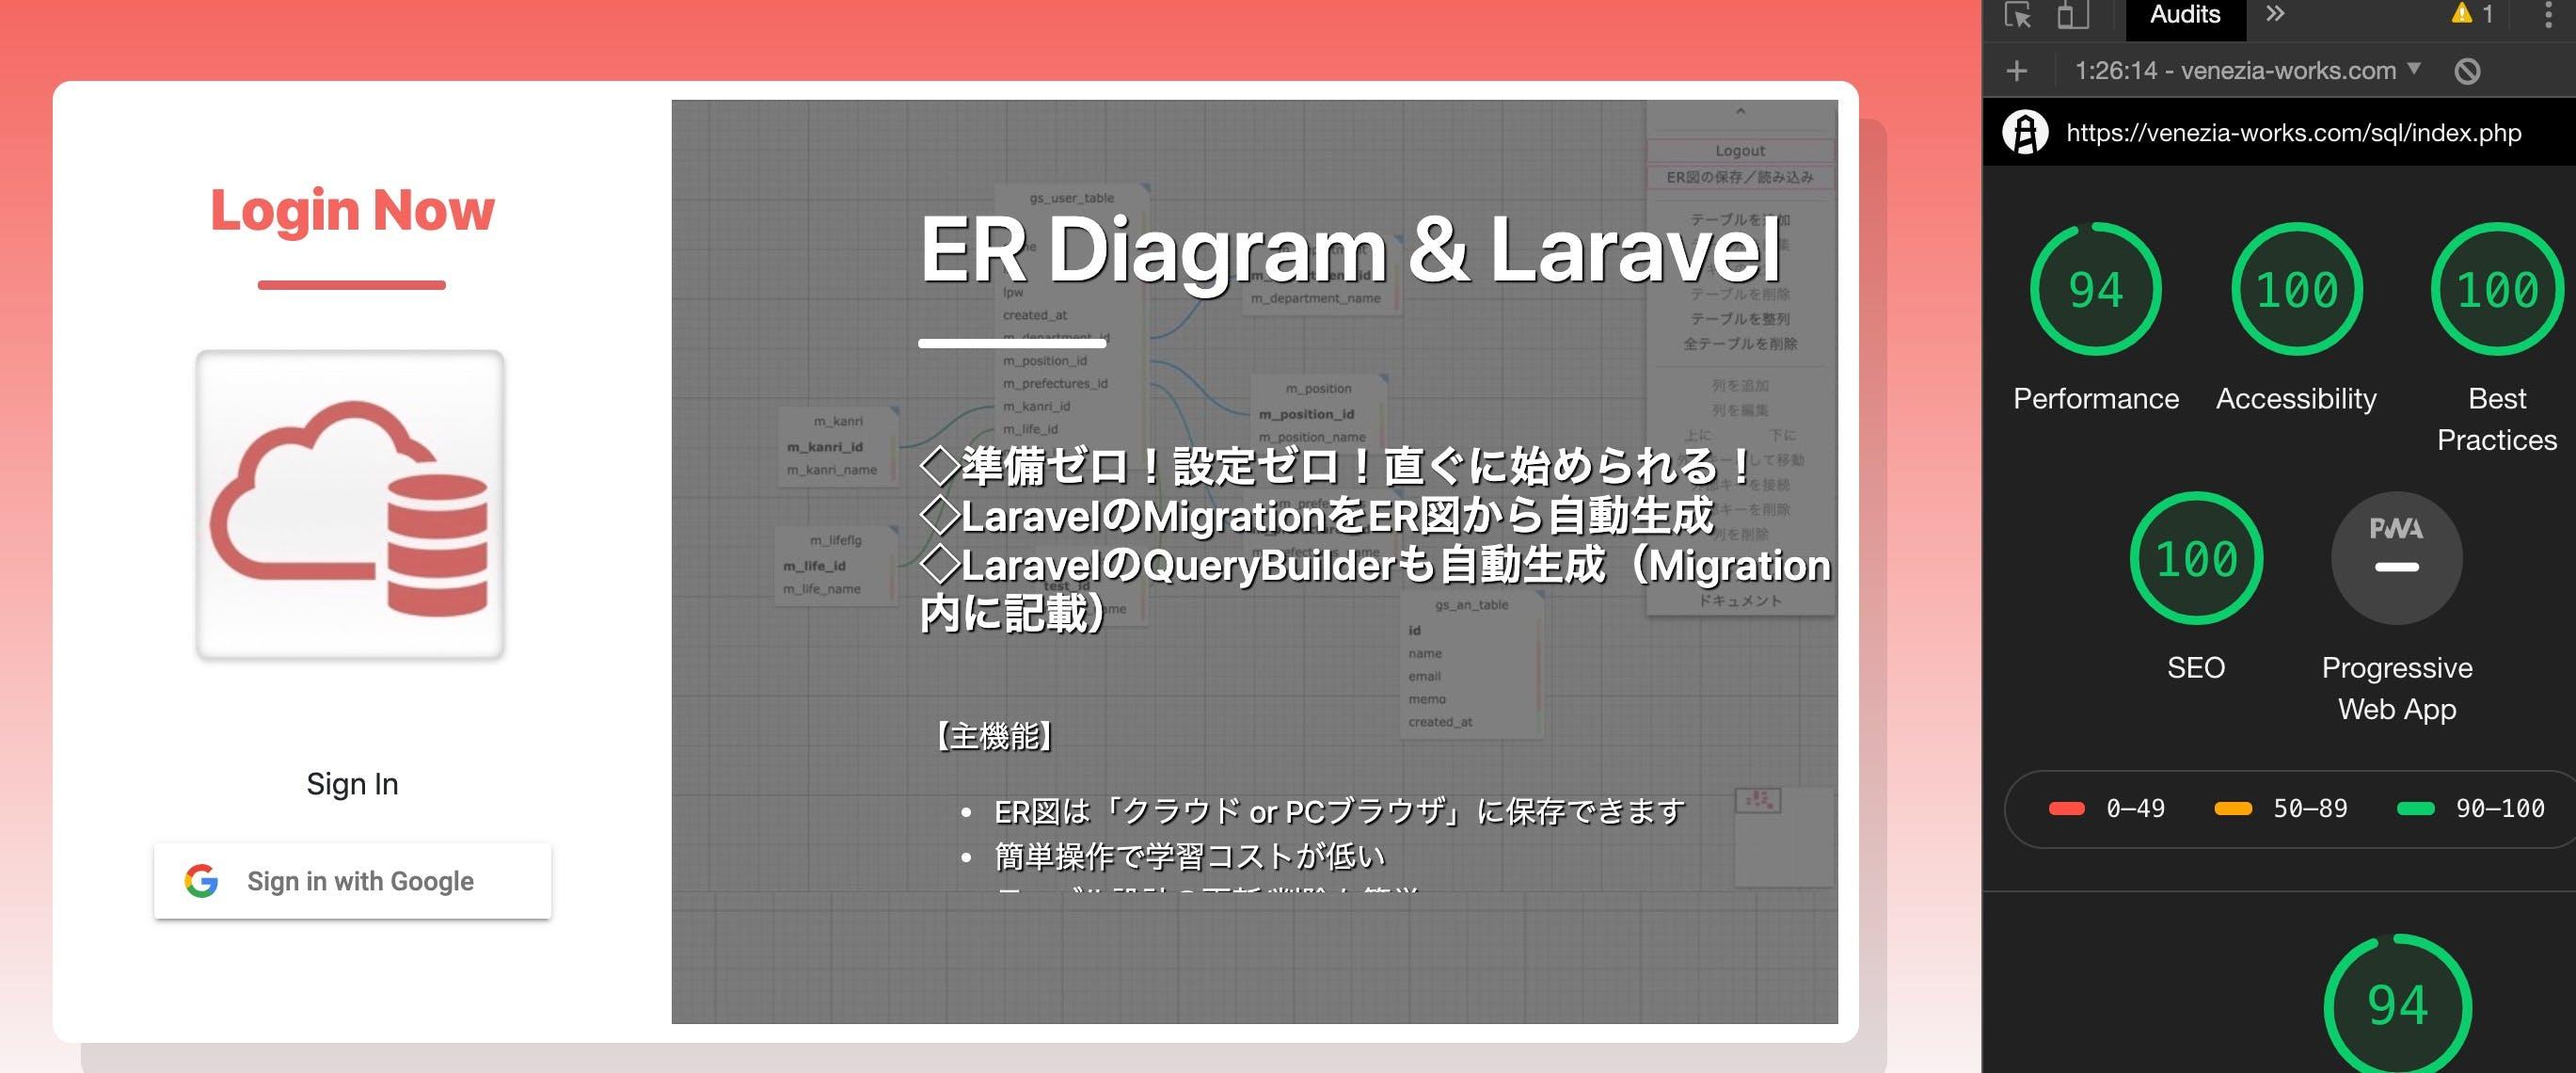 ER_Diagram___Laravel2.jpg